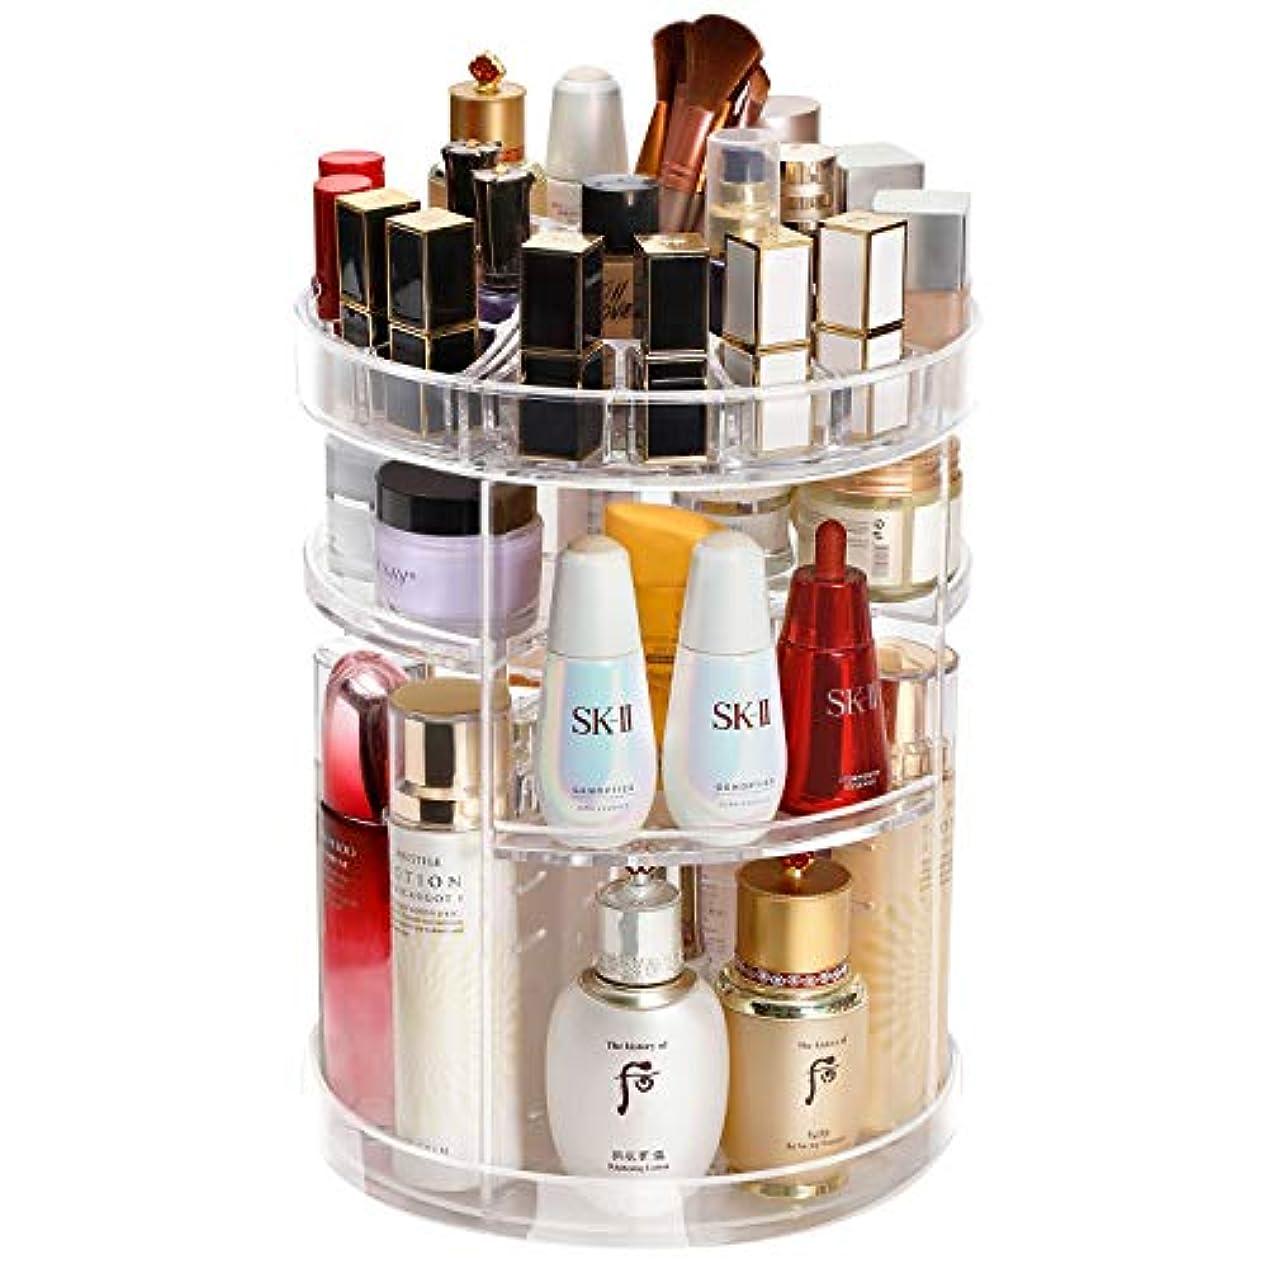 メーター樹木衝突する化粧品収納ボックス 大容量 360°回転可能 収納ボックス 耐久性 透明 口紅 コスメ 小物収納 アクリルケース